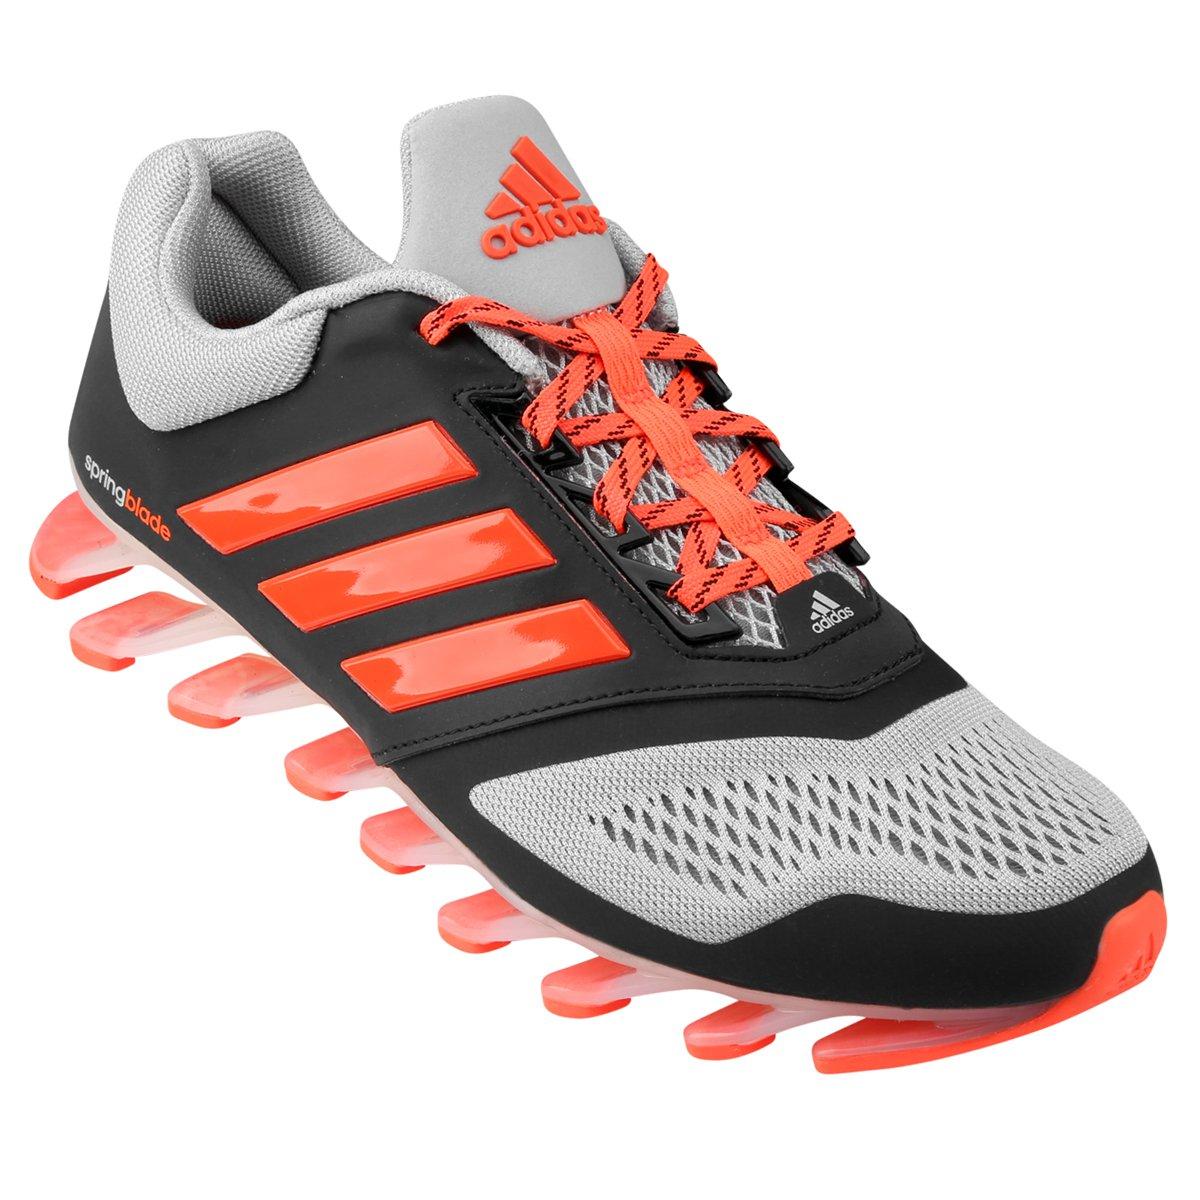 Try These Tênis Adidas Springblade E Force Masculino Preto E